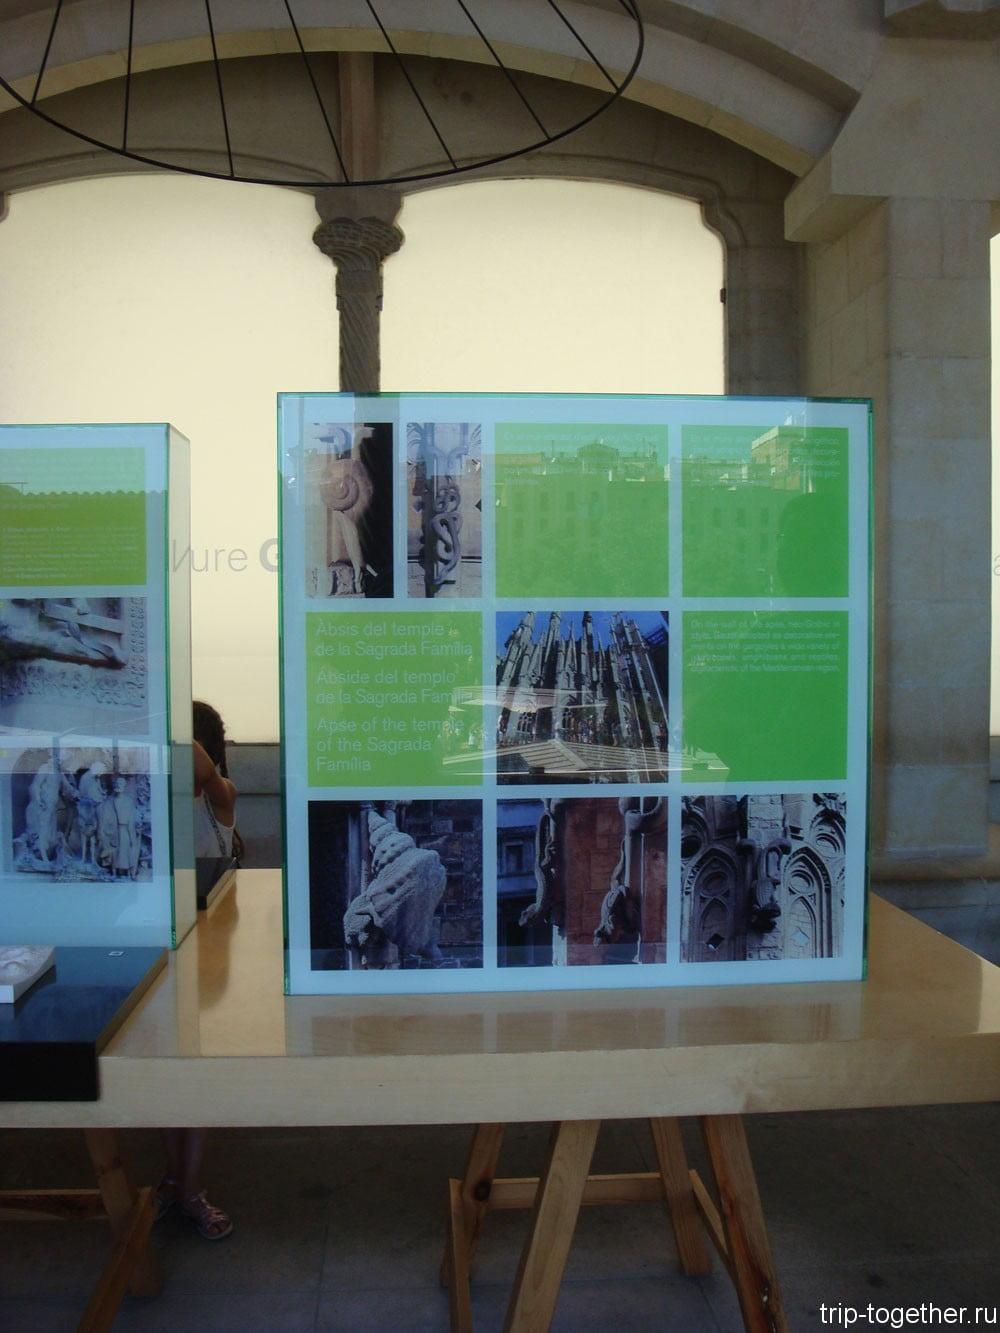 В музее строительства собора Саграда Фамилия в Барселоне